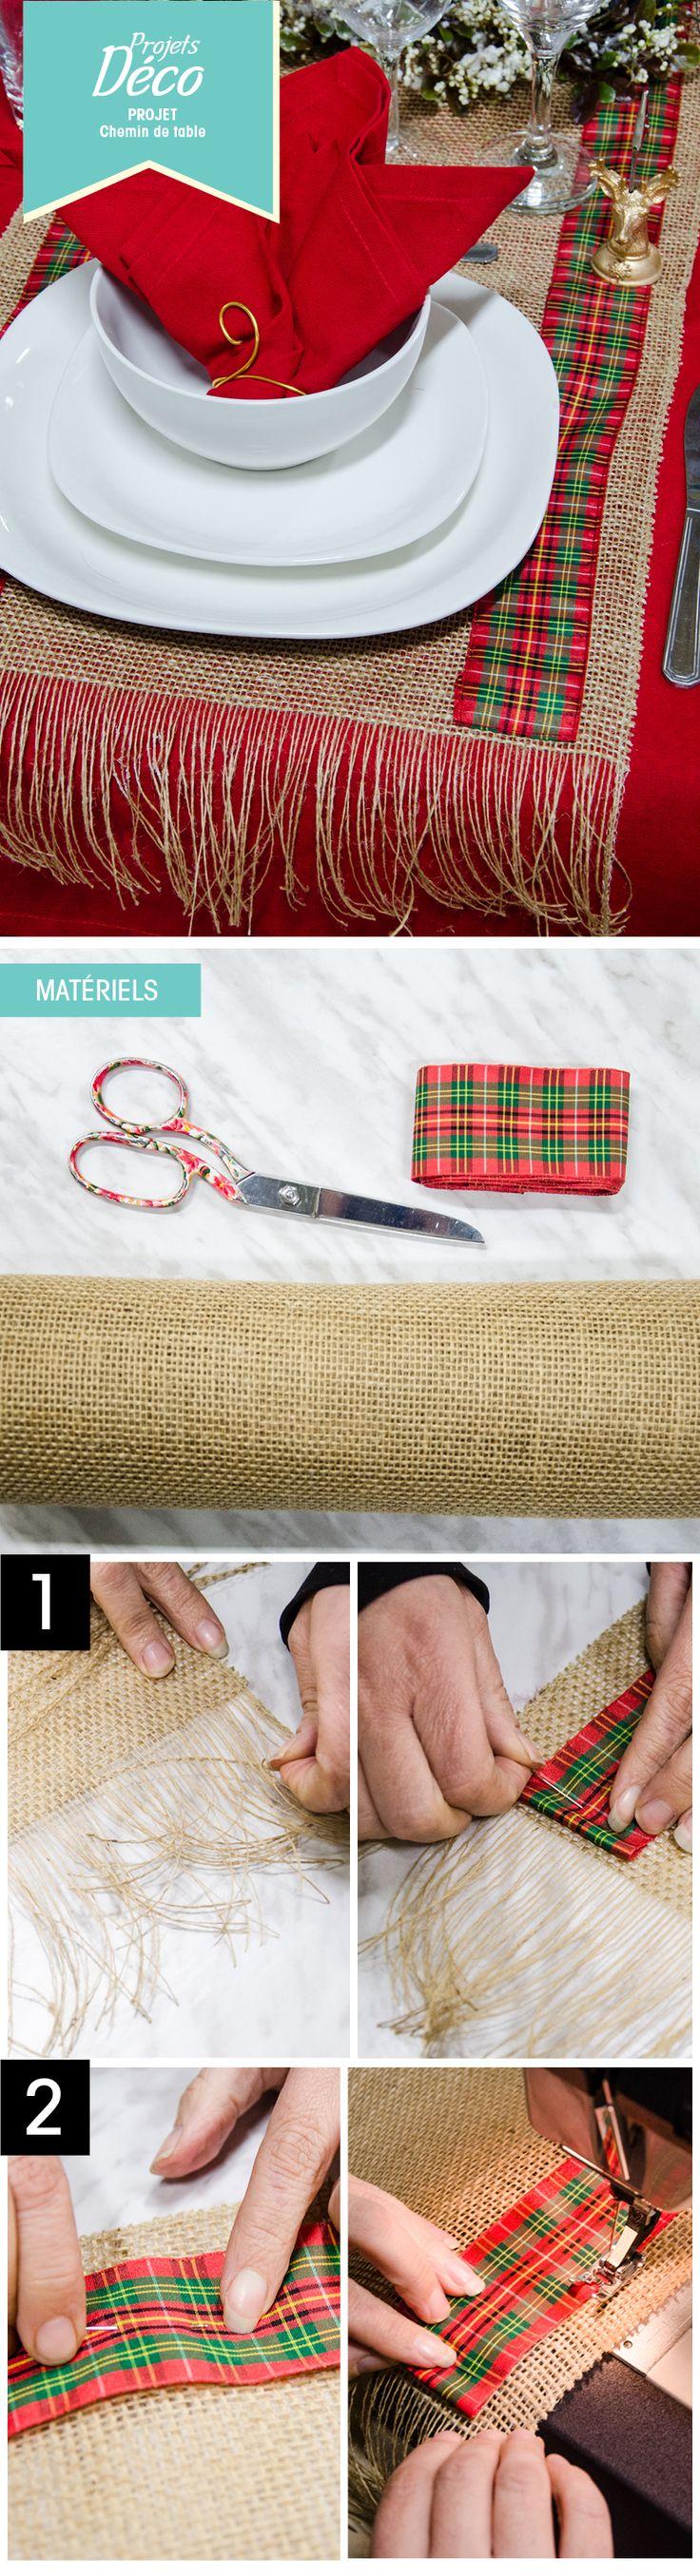 Un chemin de table pour Noël! #DIY #couture #déco #decor #christmas #carreaux #jute  http://clubtissus.com/articles-blog/articles-decoration/projet-chemin-de-table